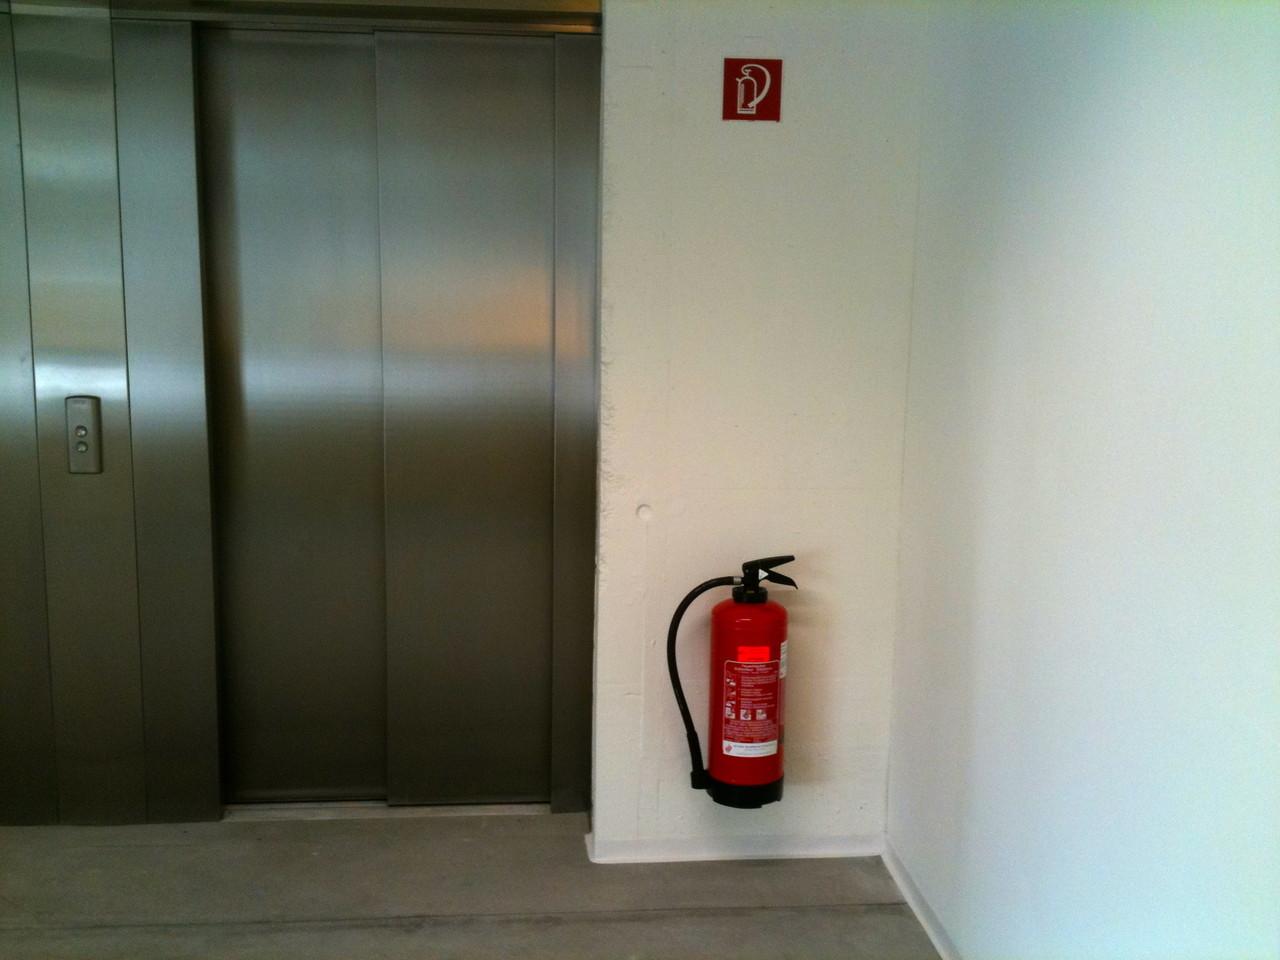 Hinweis - Feuerlöscher